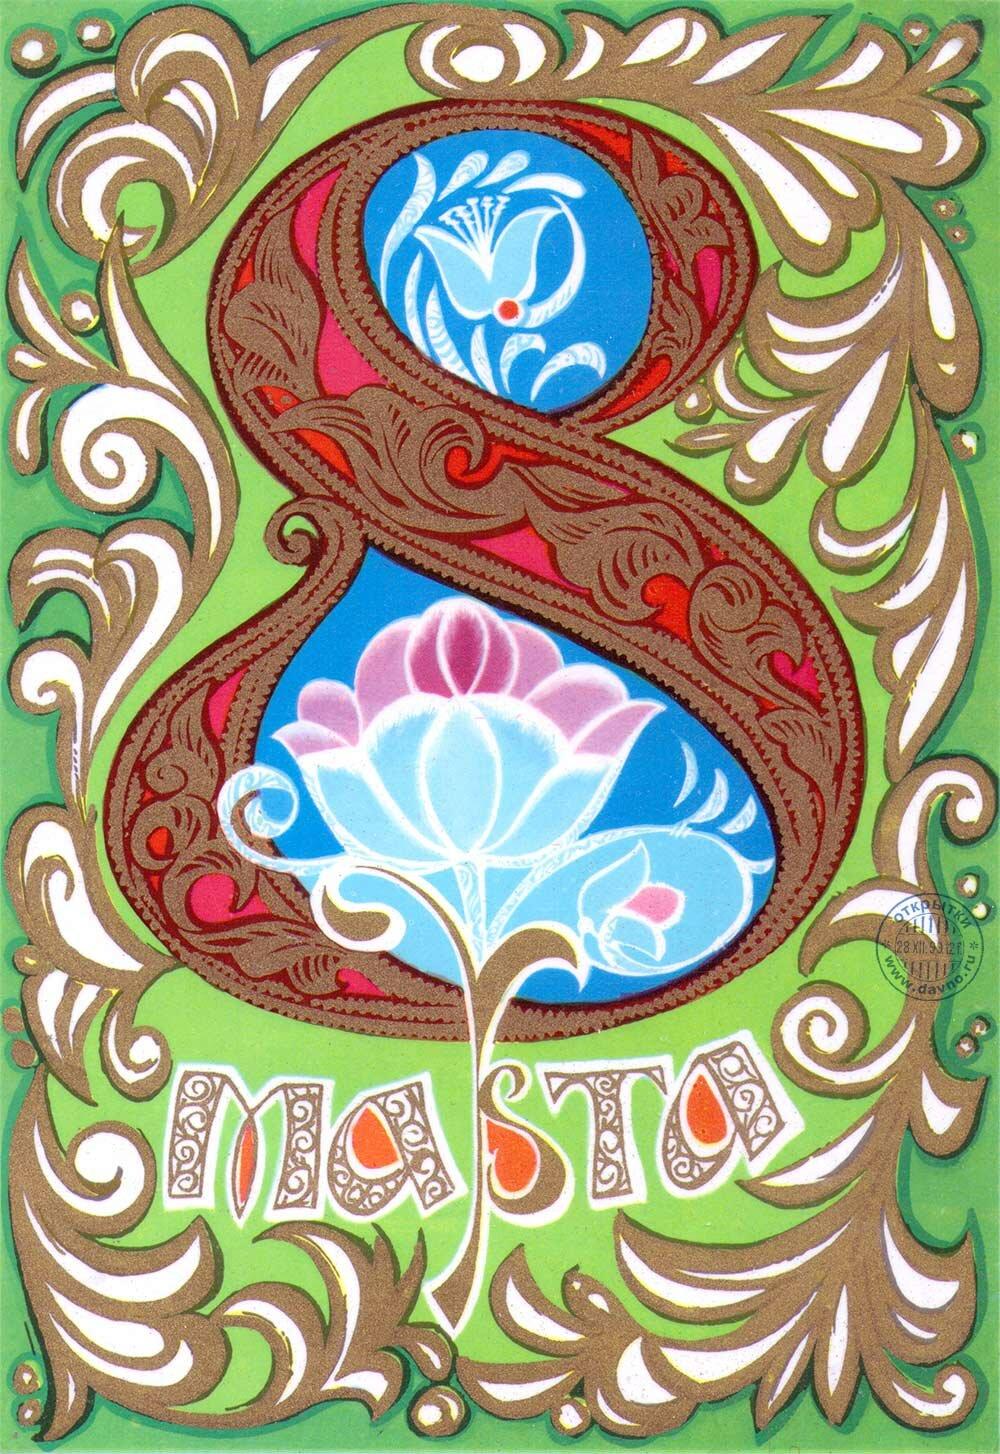 Полугодием, 8 март открытка на марийском языке